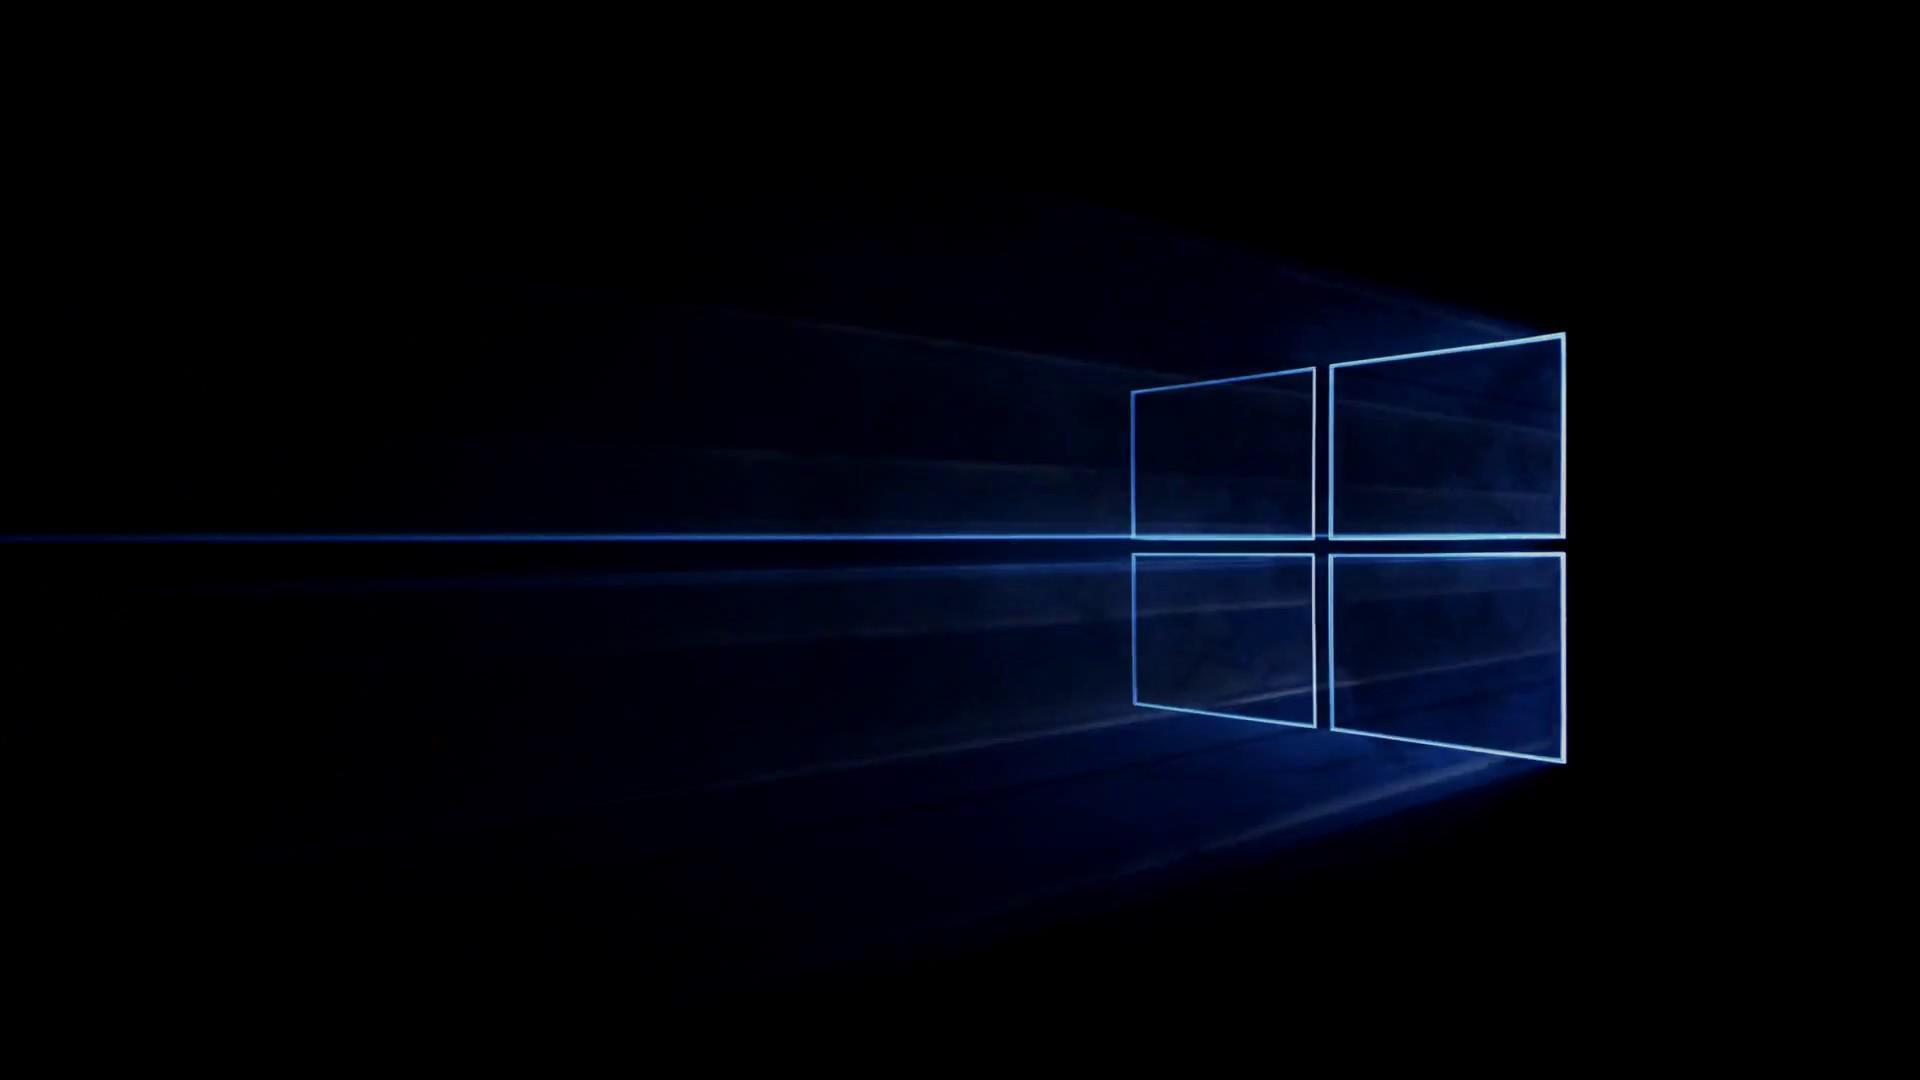 Windows 10 Microsoft est sollicit pour une nouvelle animation de 1920x1080